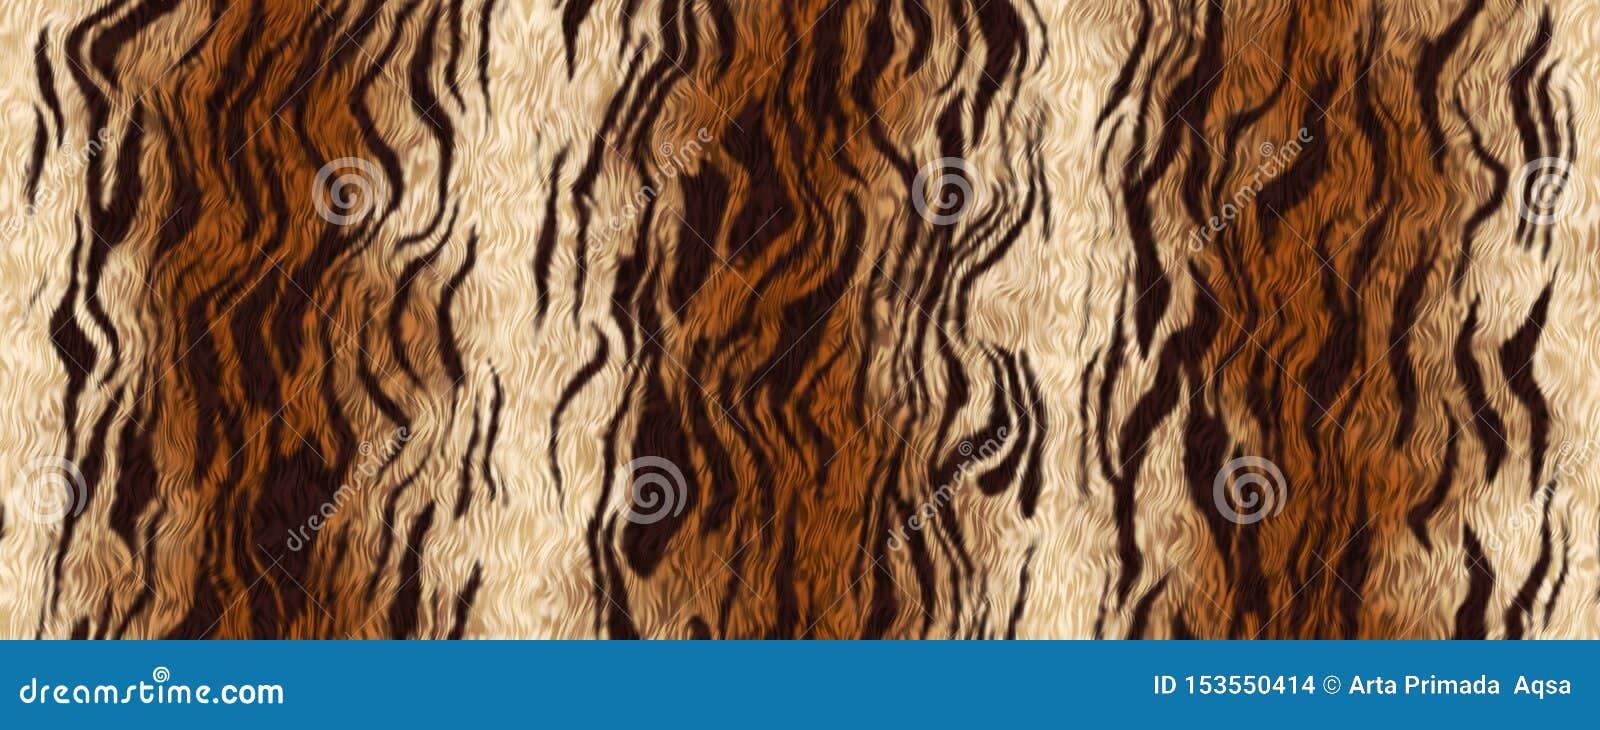 Digital illustration tiger fur material background